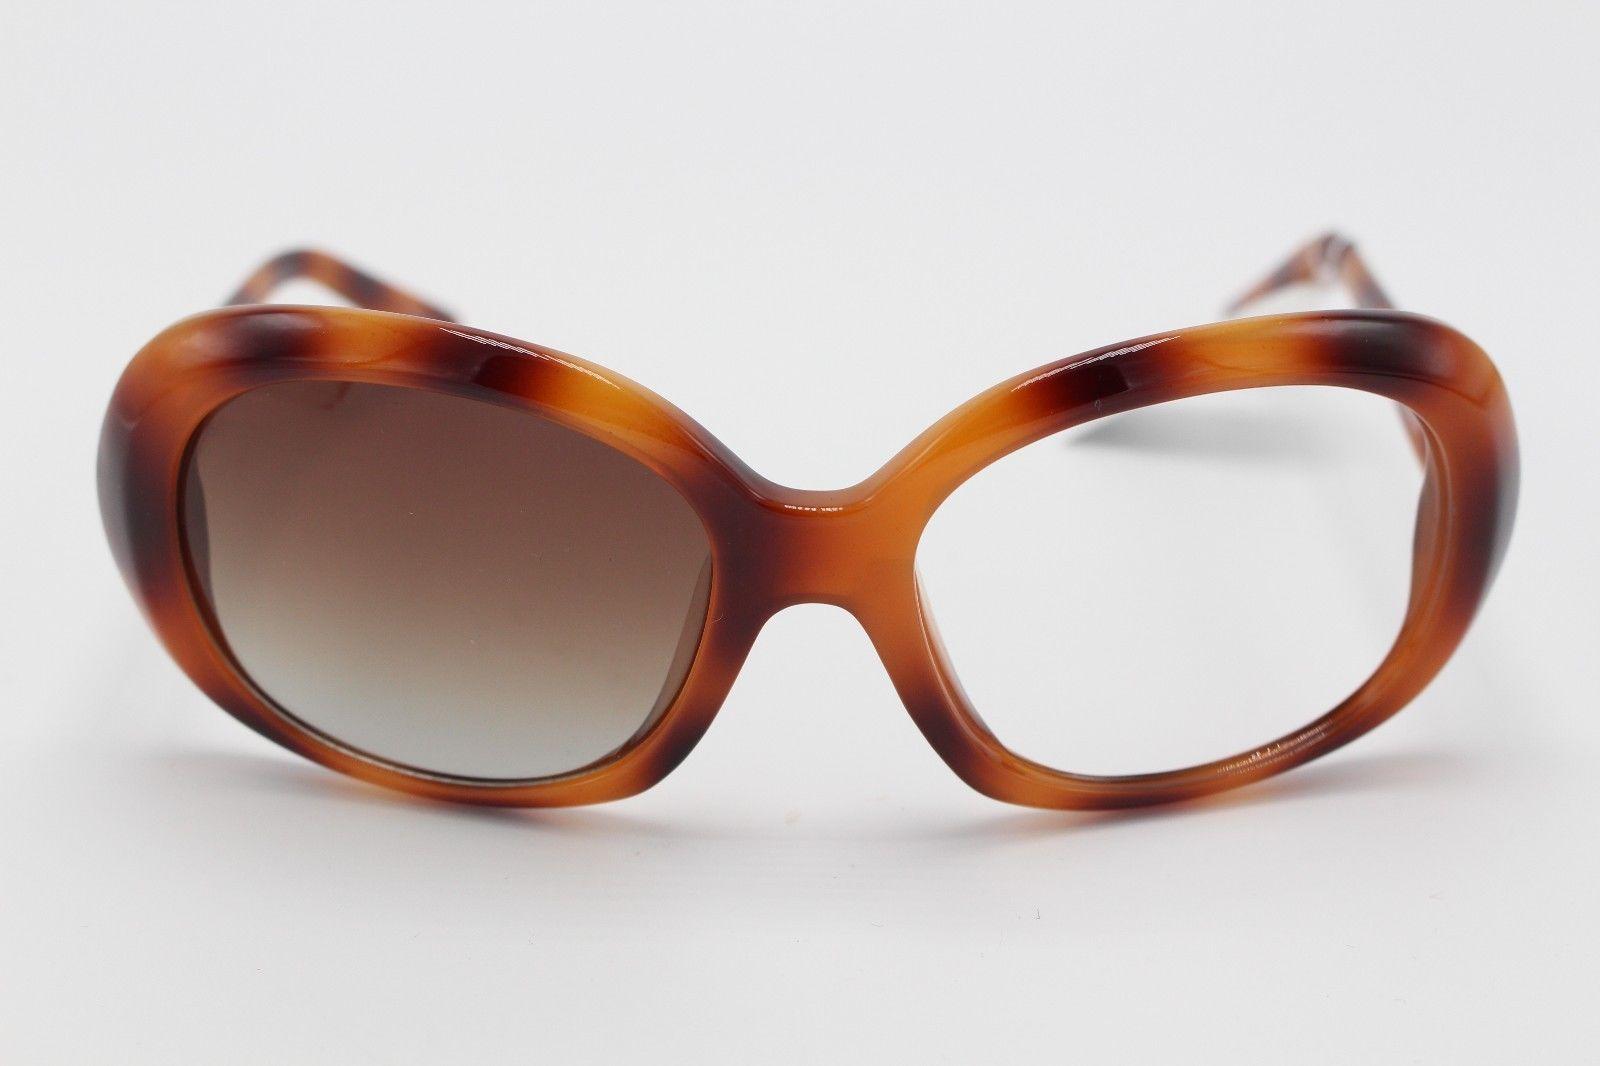 f37b37ec72 Tommy Bahama Sunglasses  0 listings